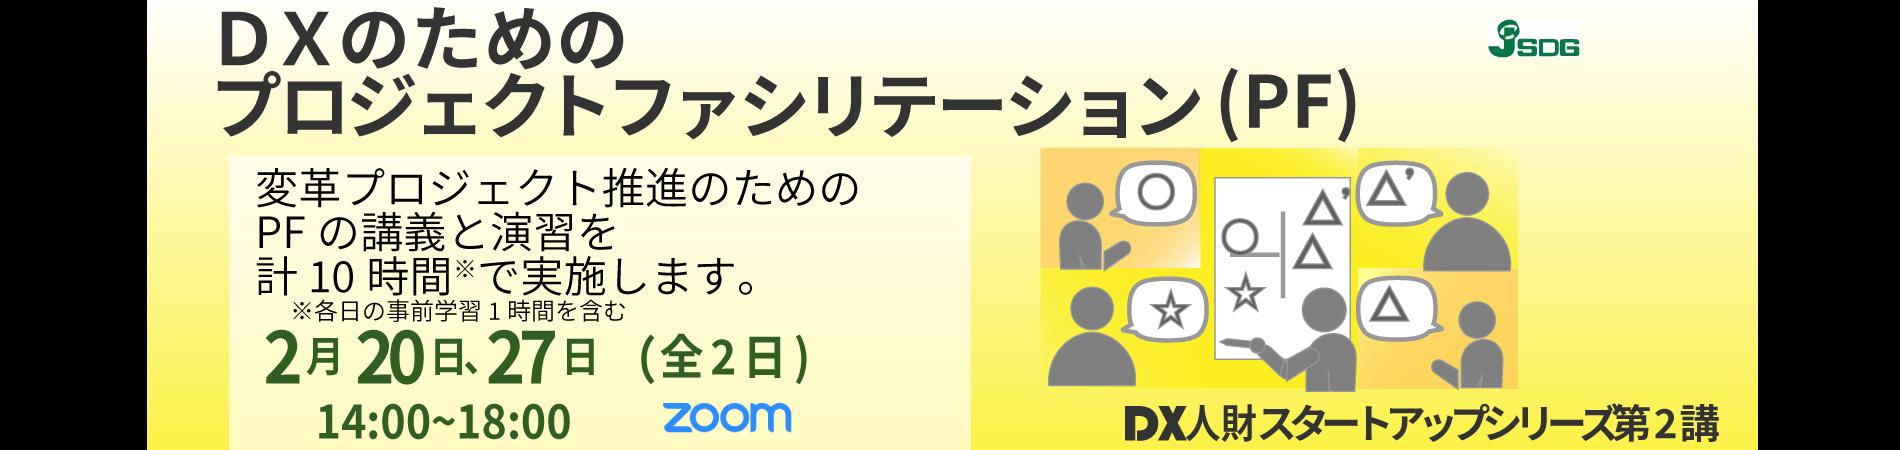 DX研修会